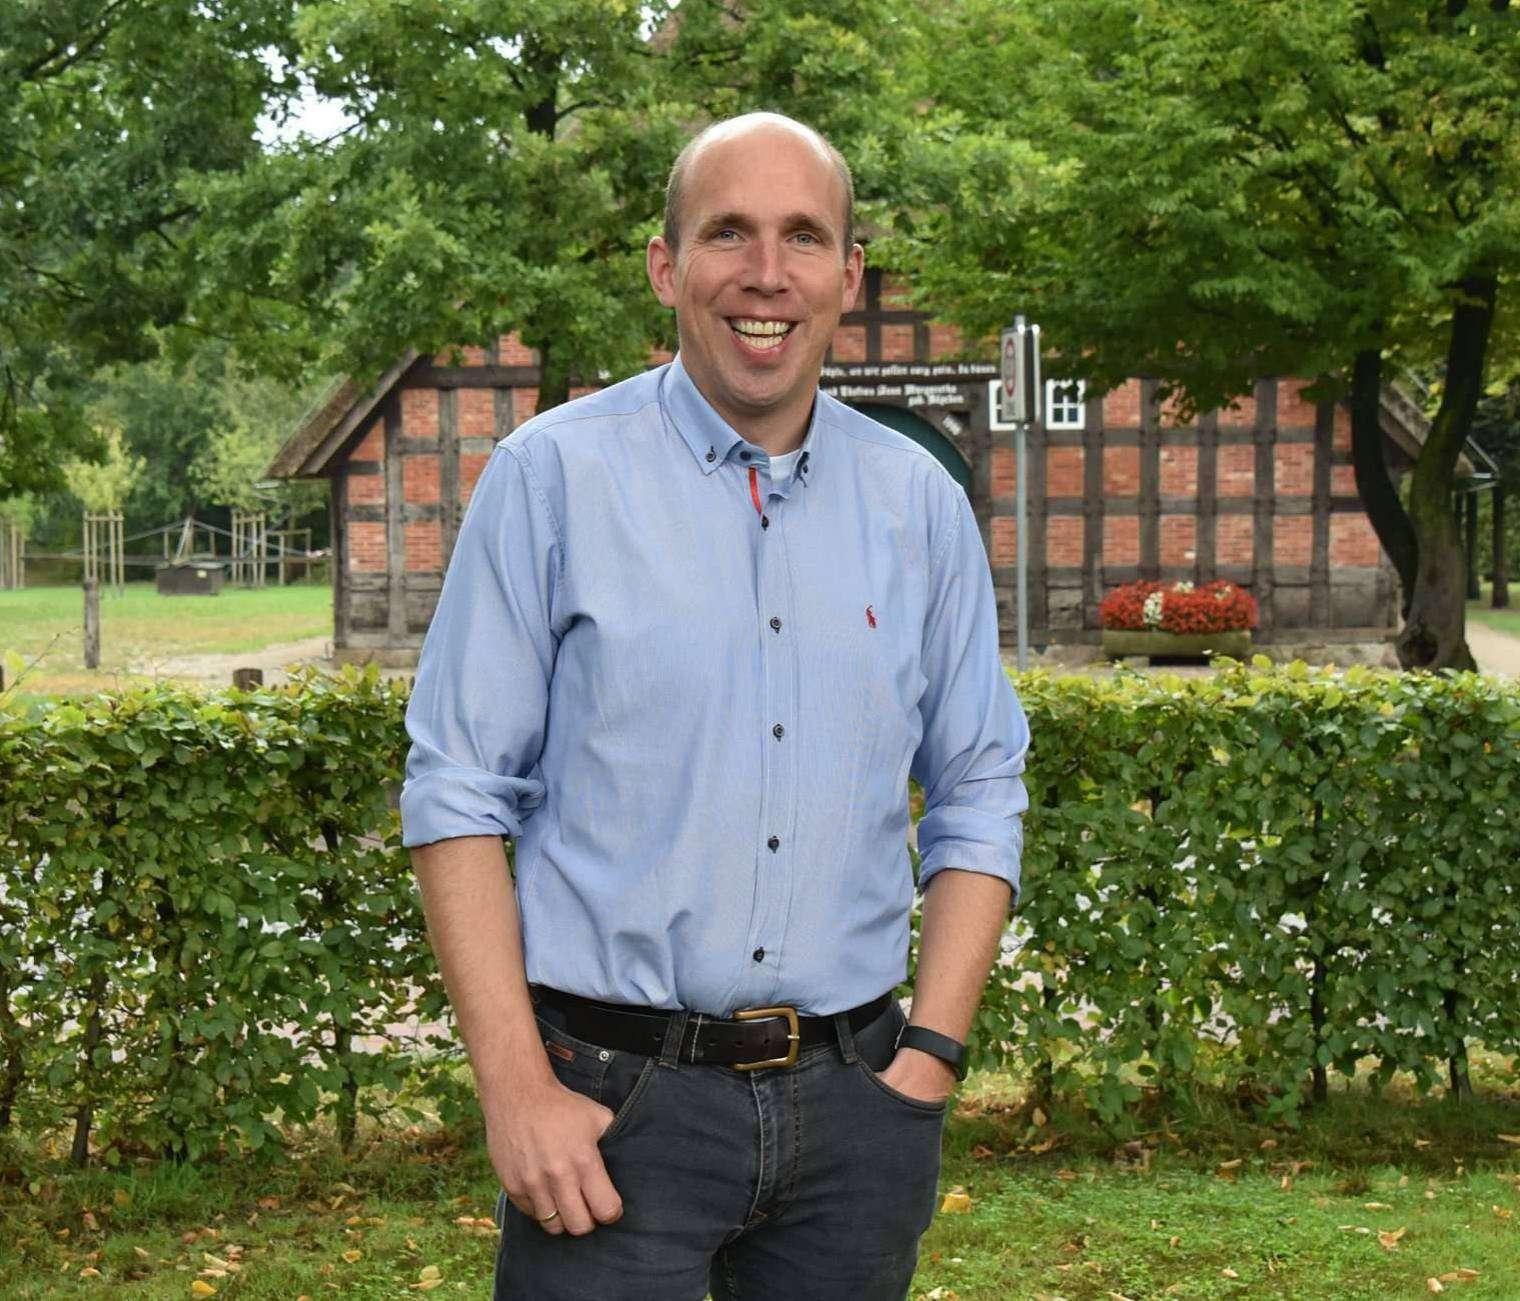 Abteilungsleiter in der Verwaltung, Gemeindedirektor für Sottrum: Für Holger Bahrenburg ist das Amt des Samtgemeindebürgermeisters der nächste richtige Schritt.